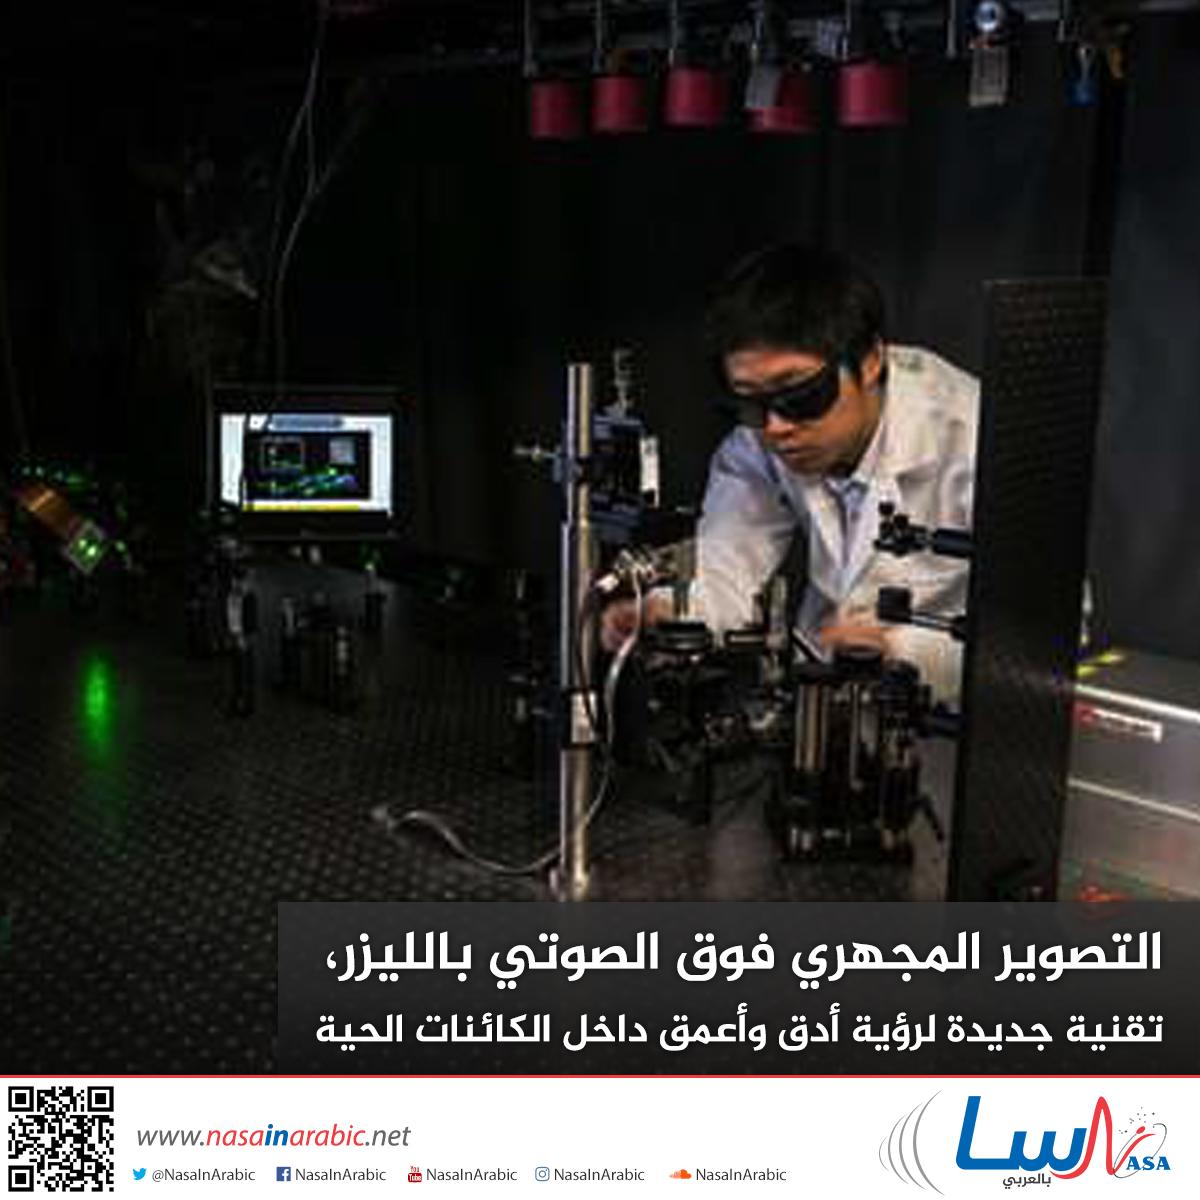 التصوير المجهري فوق الصوتي بالليزر، تقنية جديدة لرؤية أدق وأعمق داخل الكائنات الحية